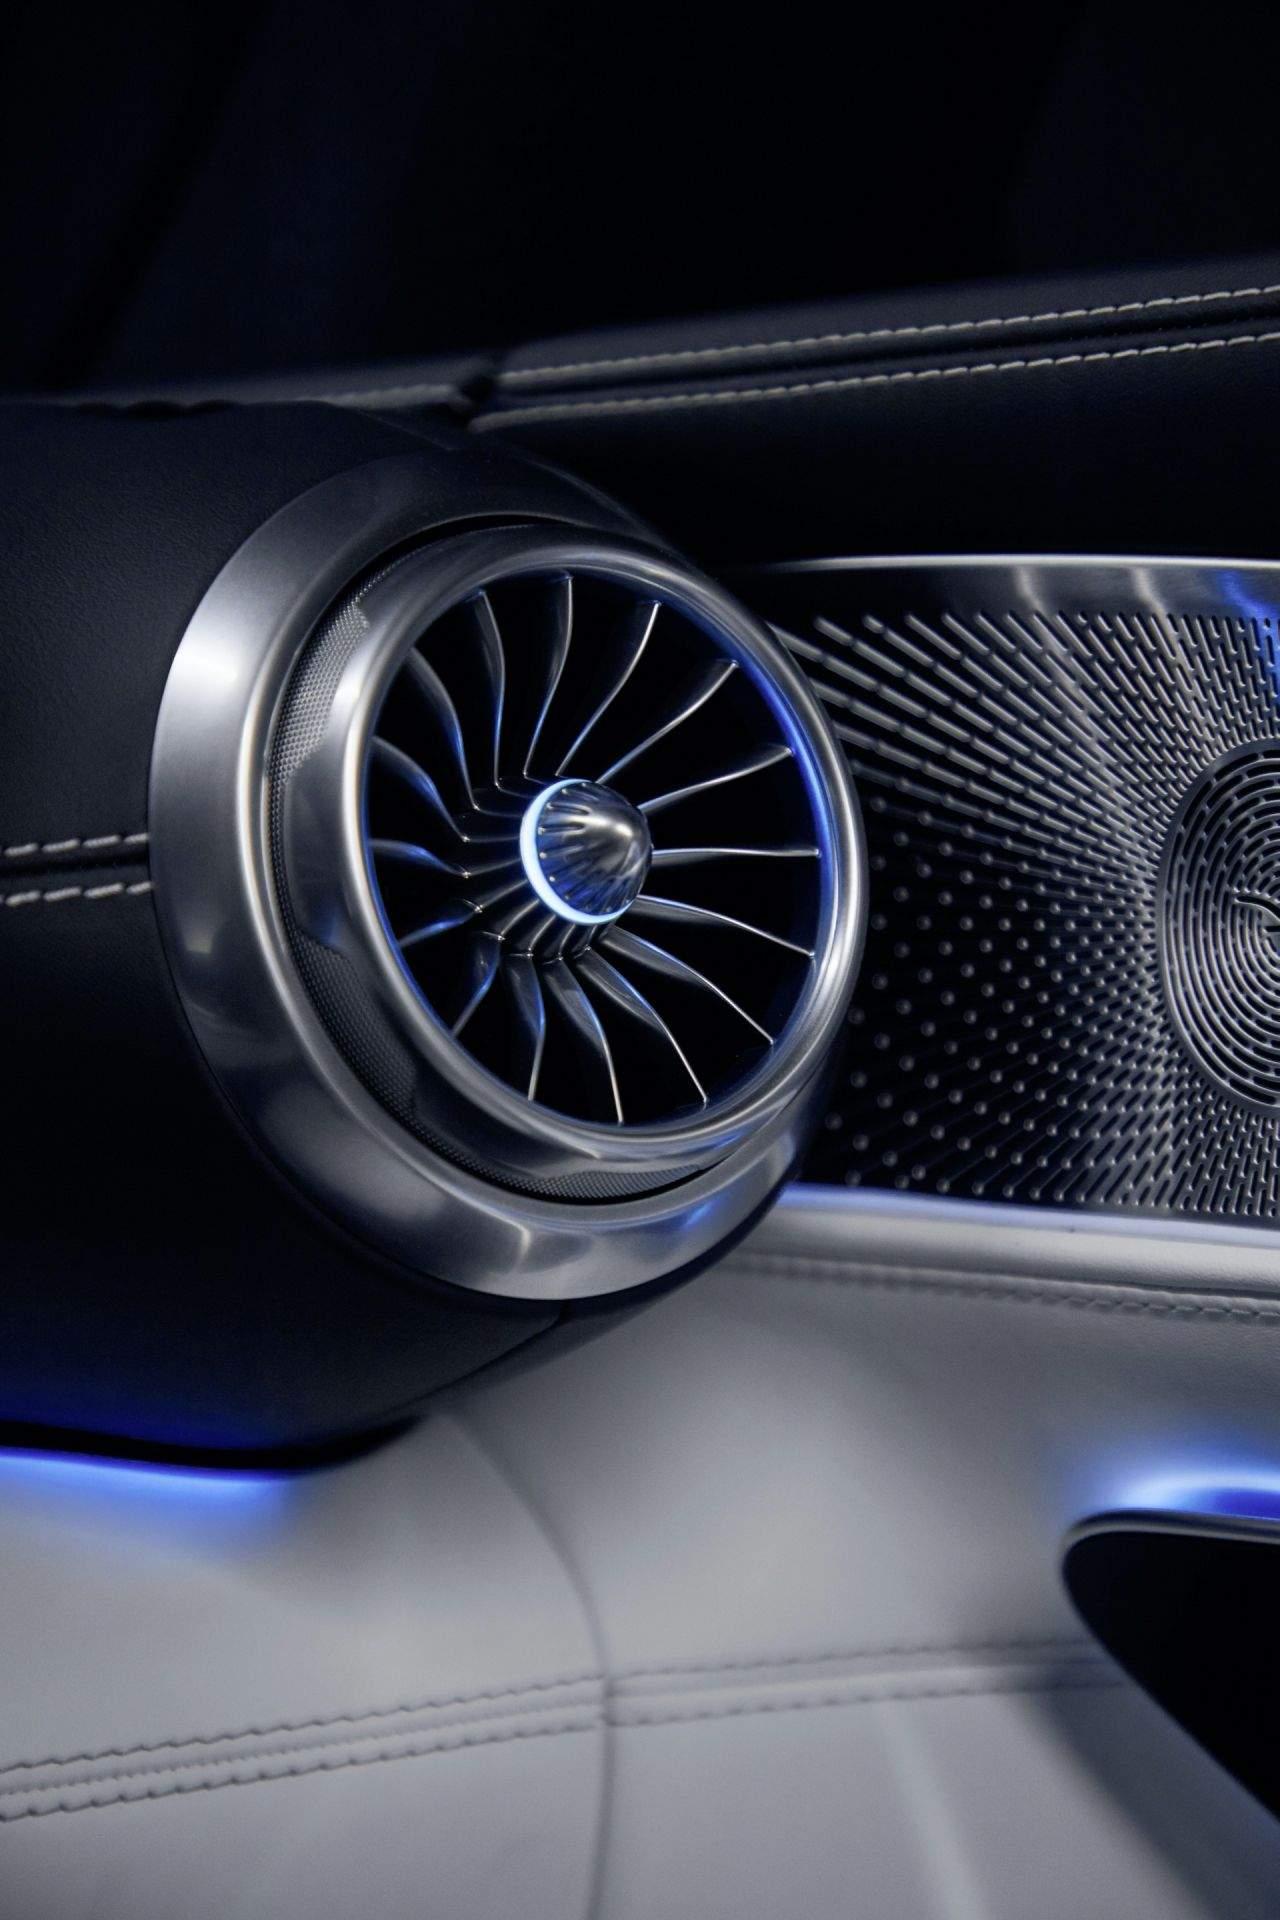 2023-Mercedes-AMG-SL-13_1920x2880